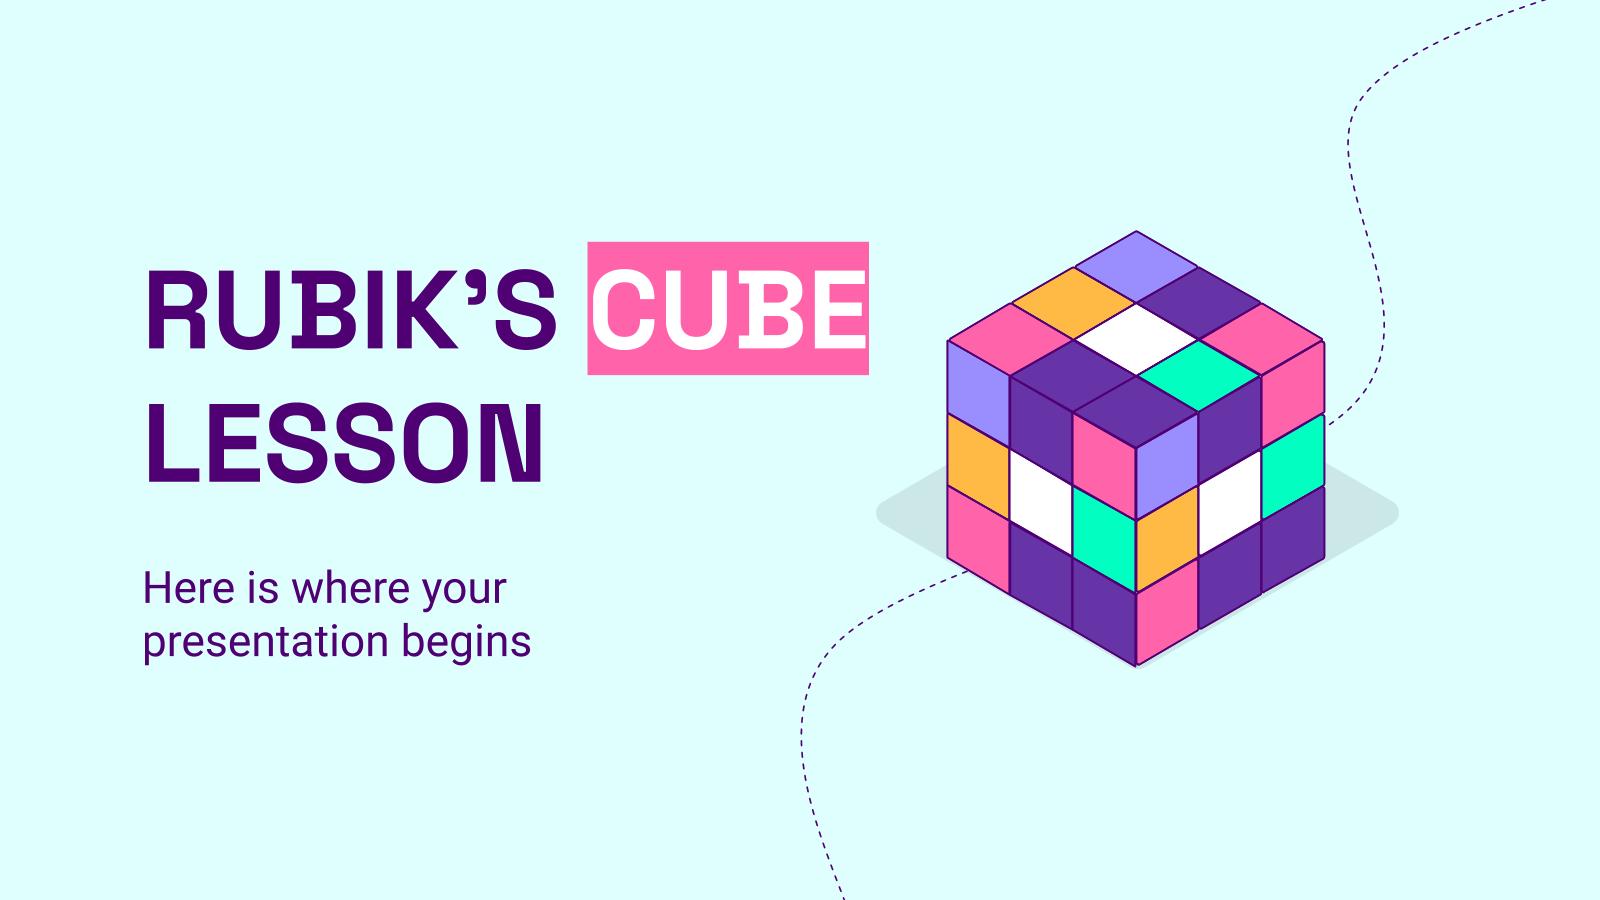 Cours de Rubik's Cube : Modèles de présentation